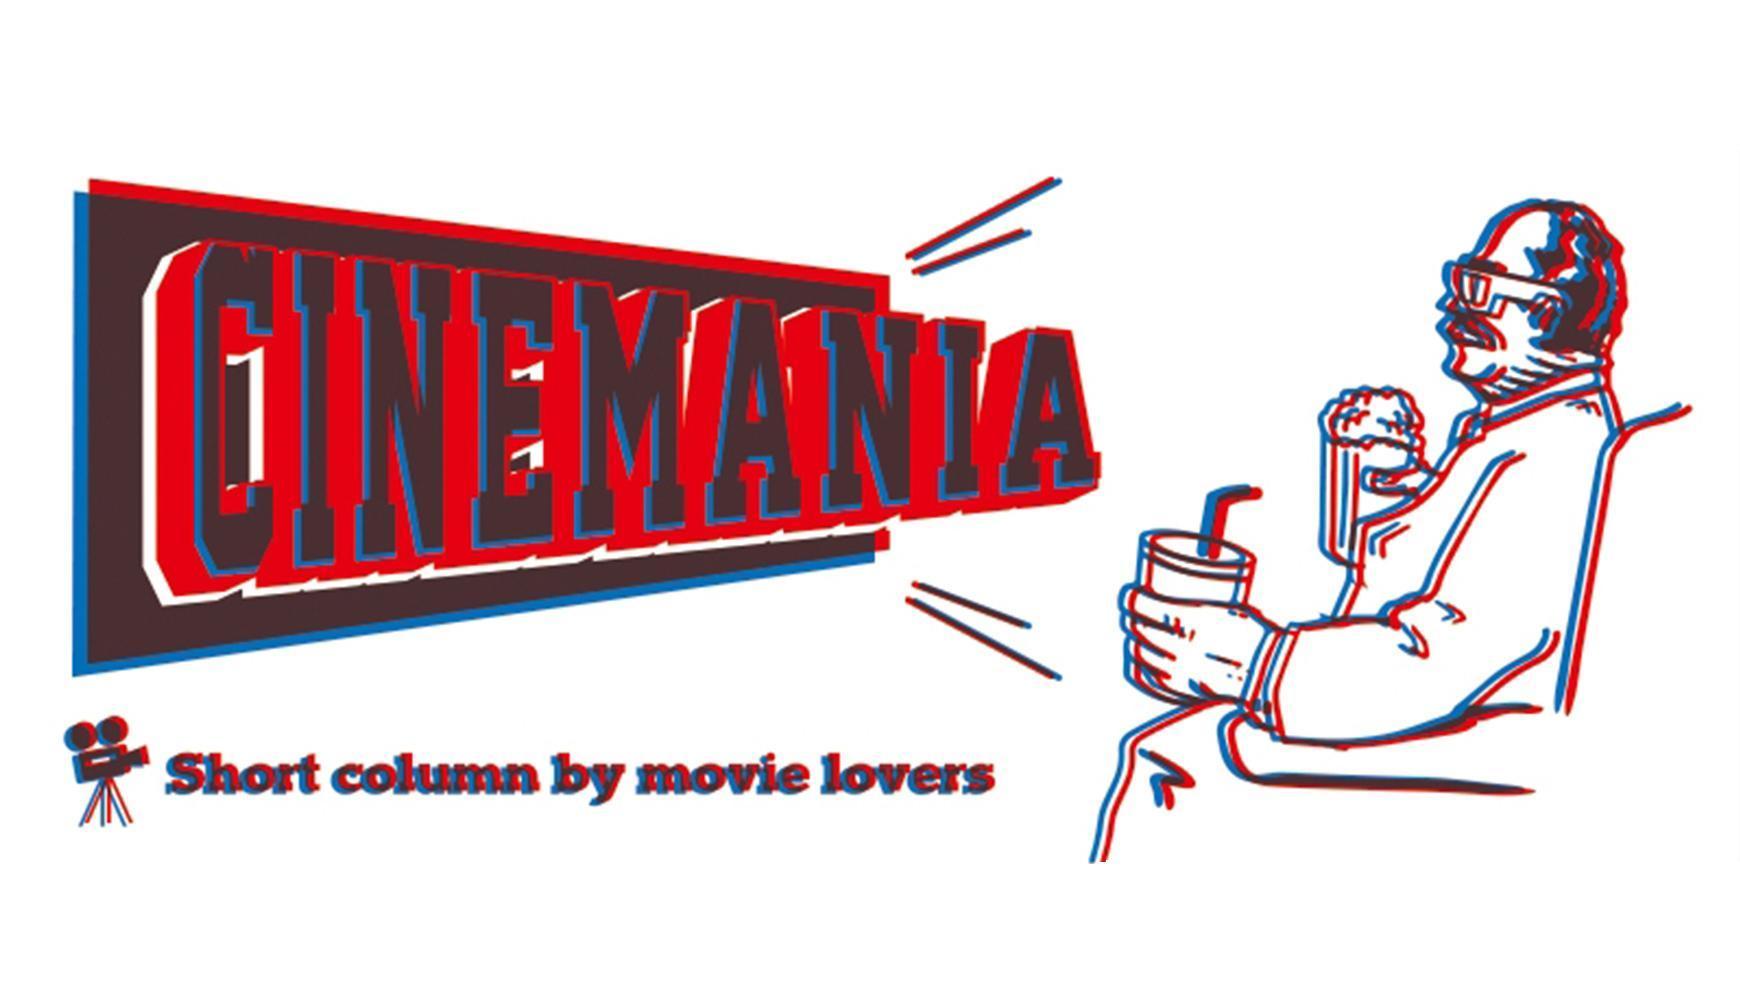 【CINEMANIA】オススメの映画はこれだ! 今見に行きたい映画 4選